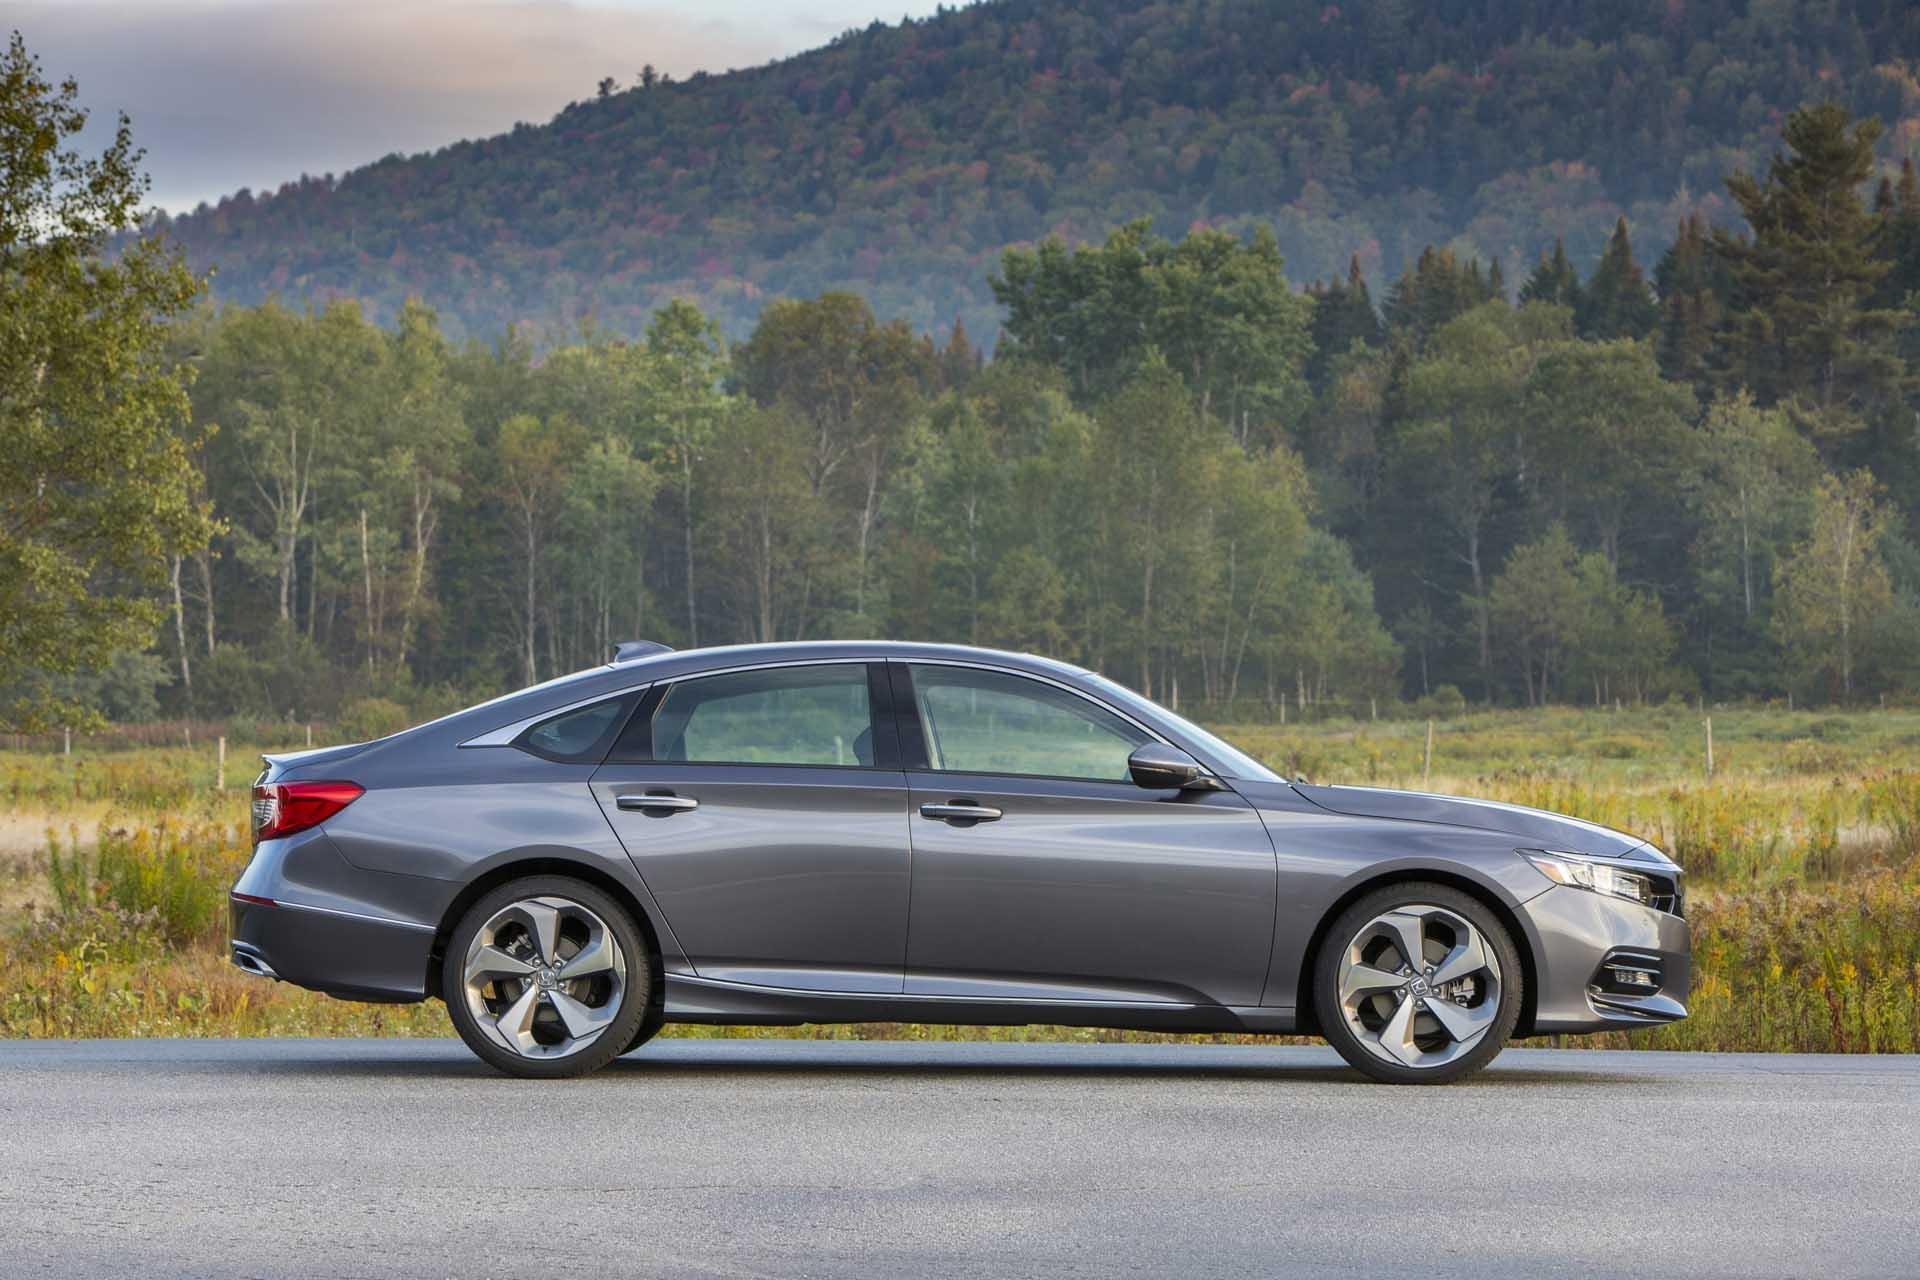 Kelebihan Kekurangan Toyota Accord Perbandingan Harga